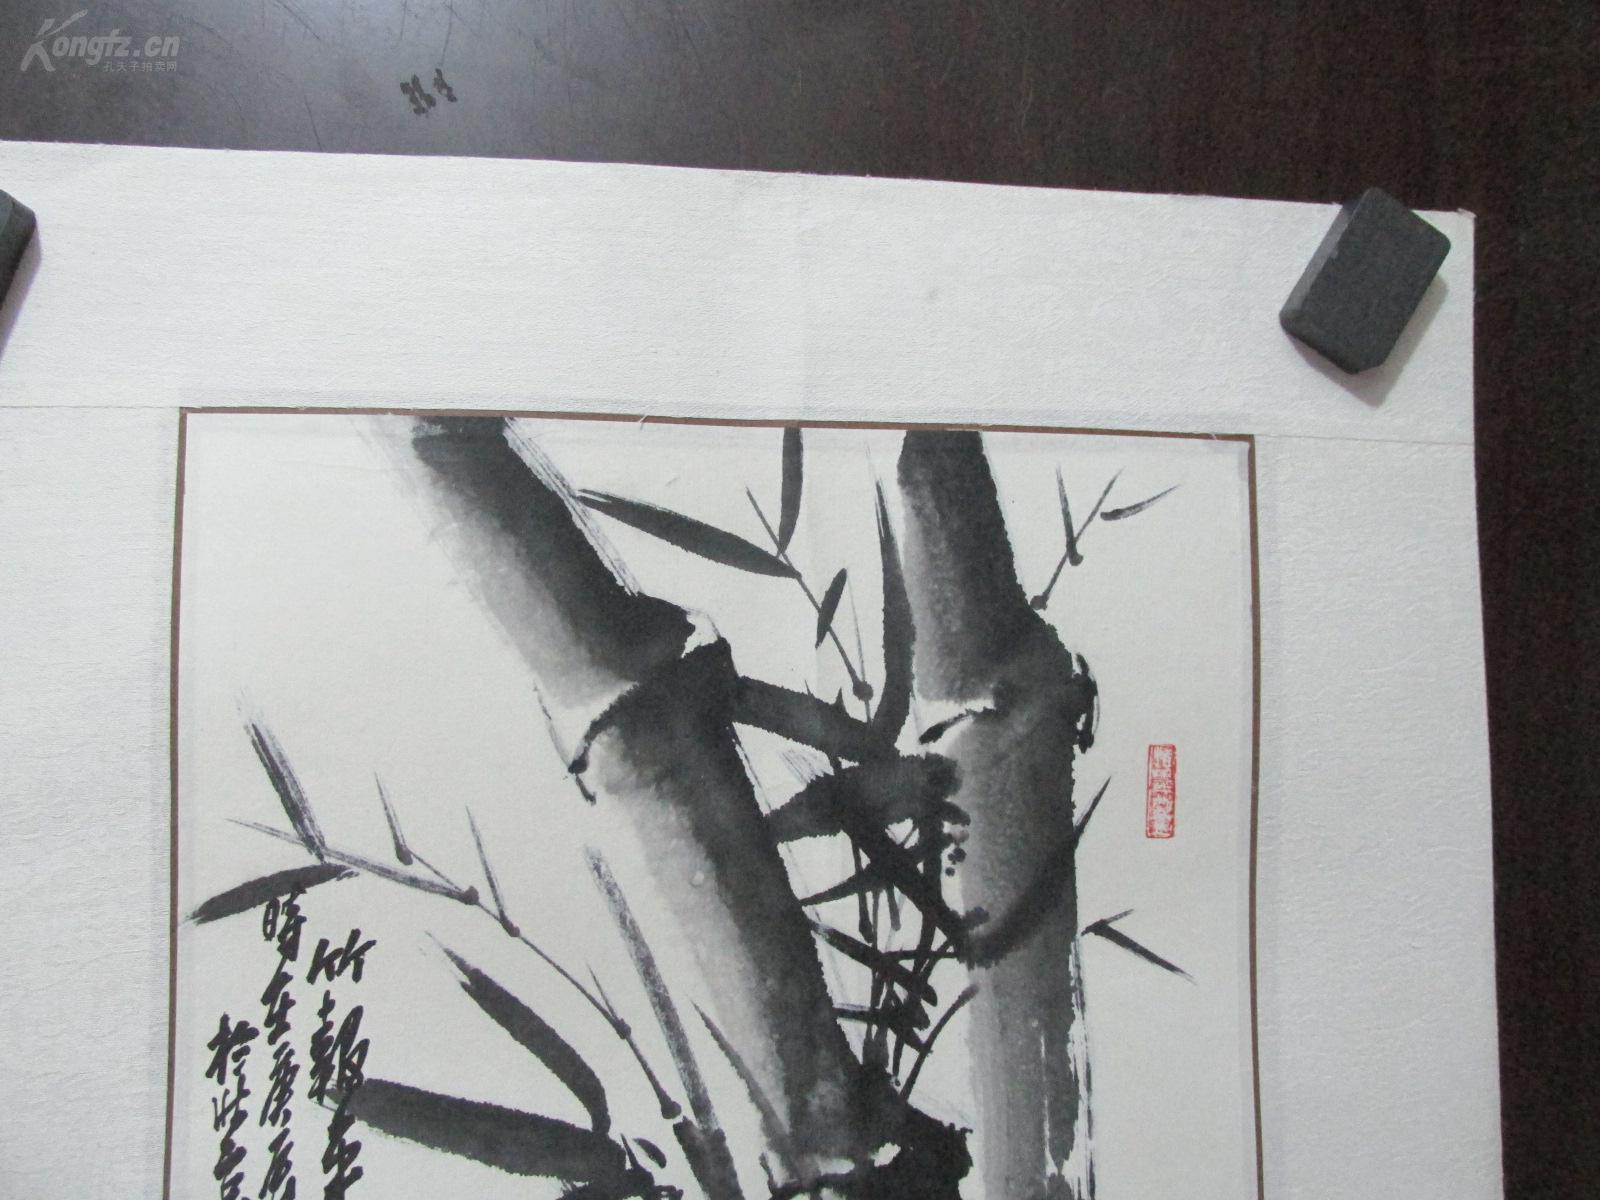 中央电视中央电视台书画频道,张大林花鸟画讲座 张大林 绘 竹报年安图片